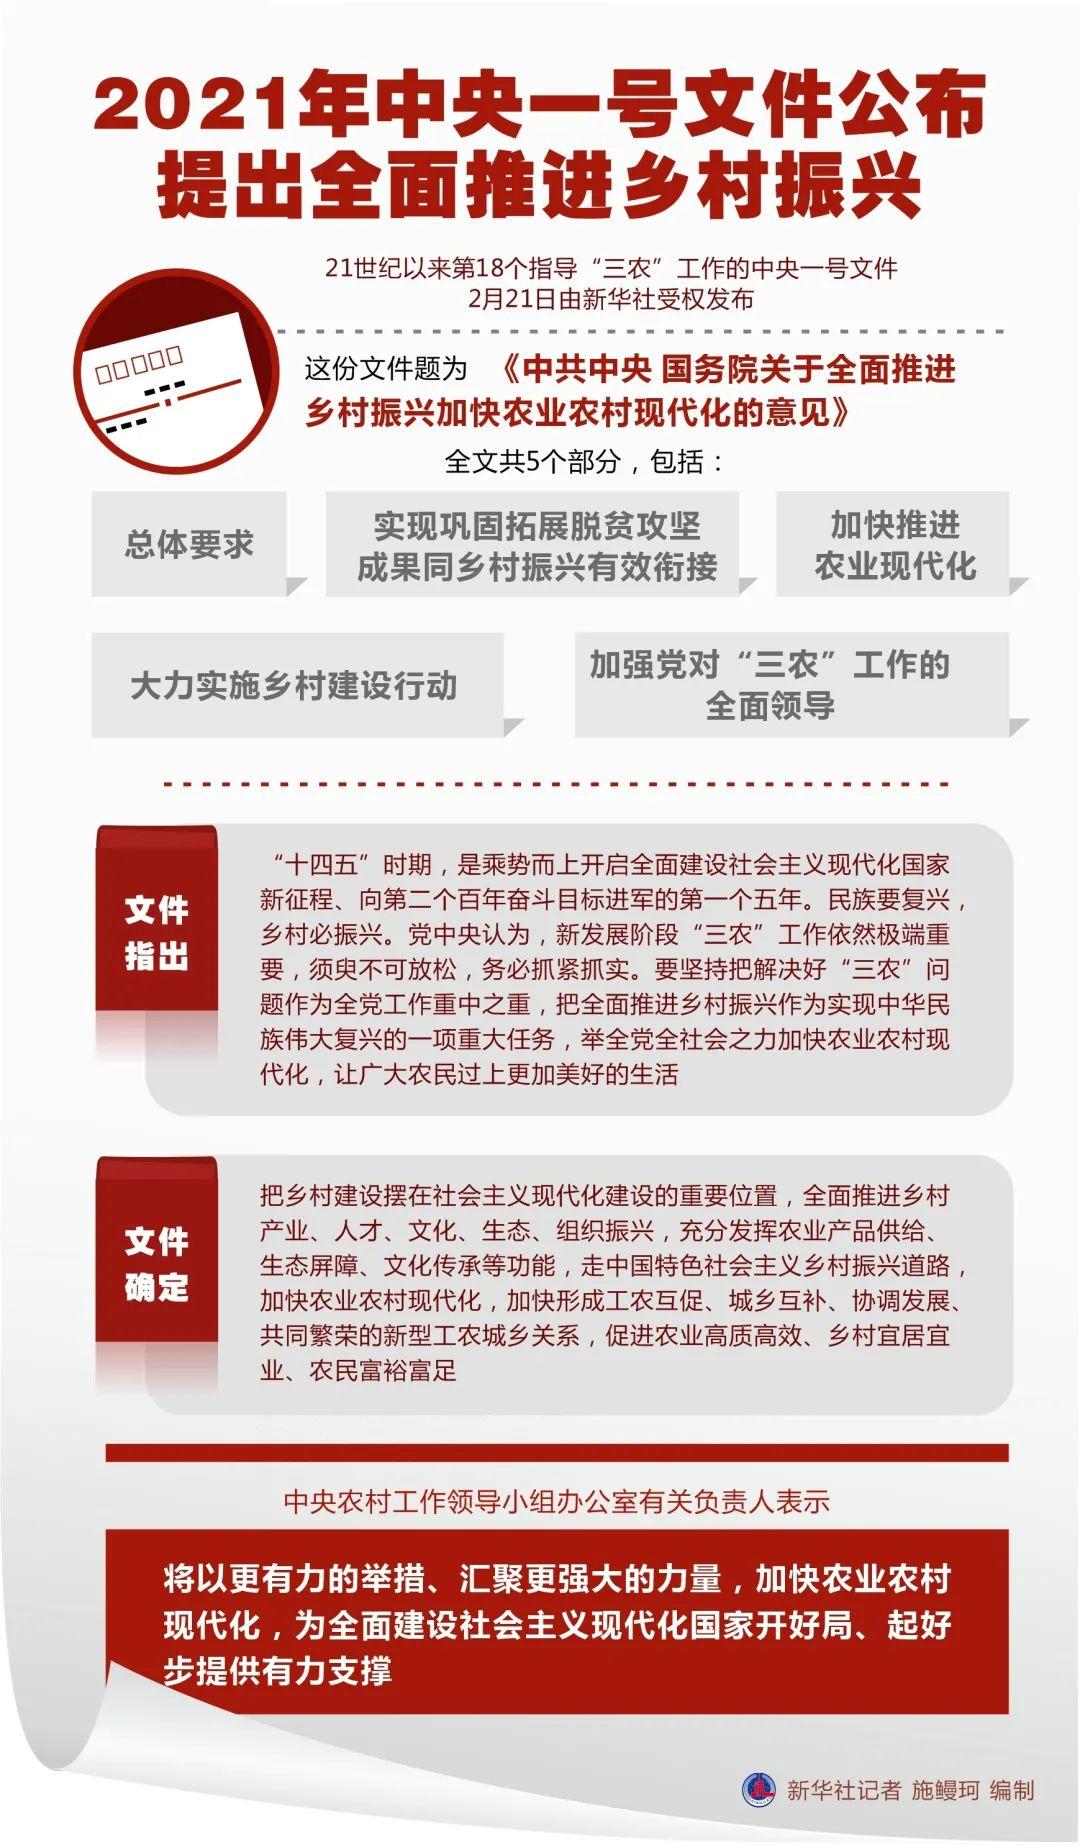 2017政治会考时事_广州中考政治时事_公务员考试时事政治